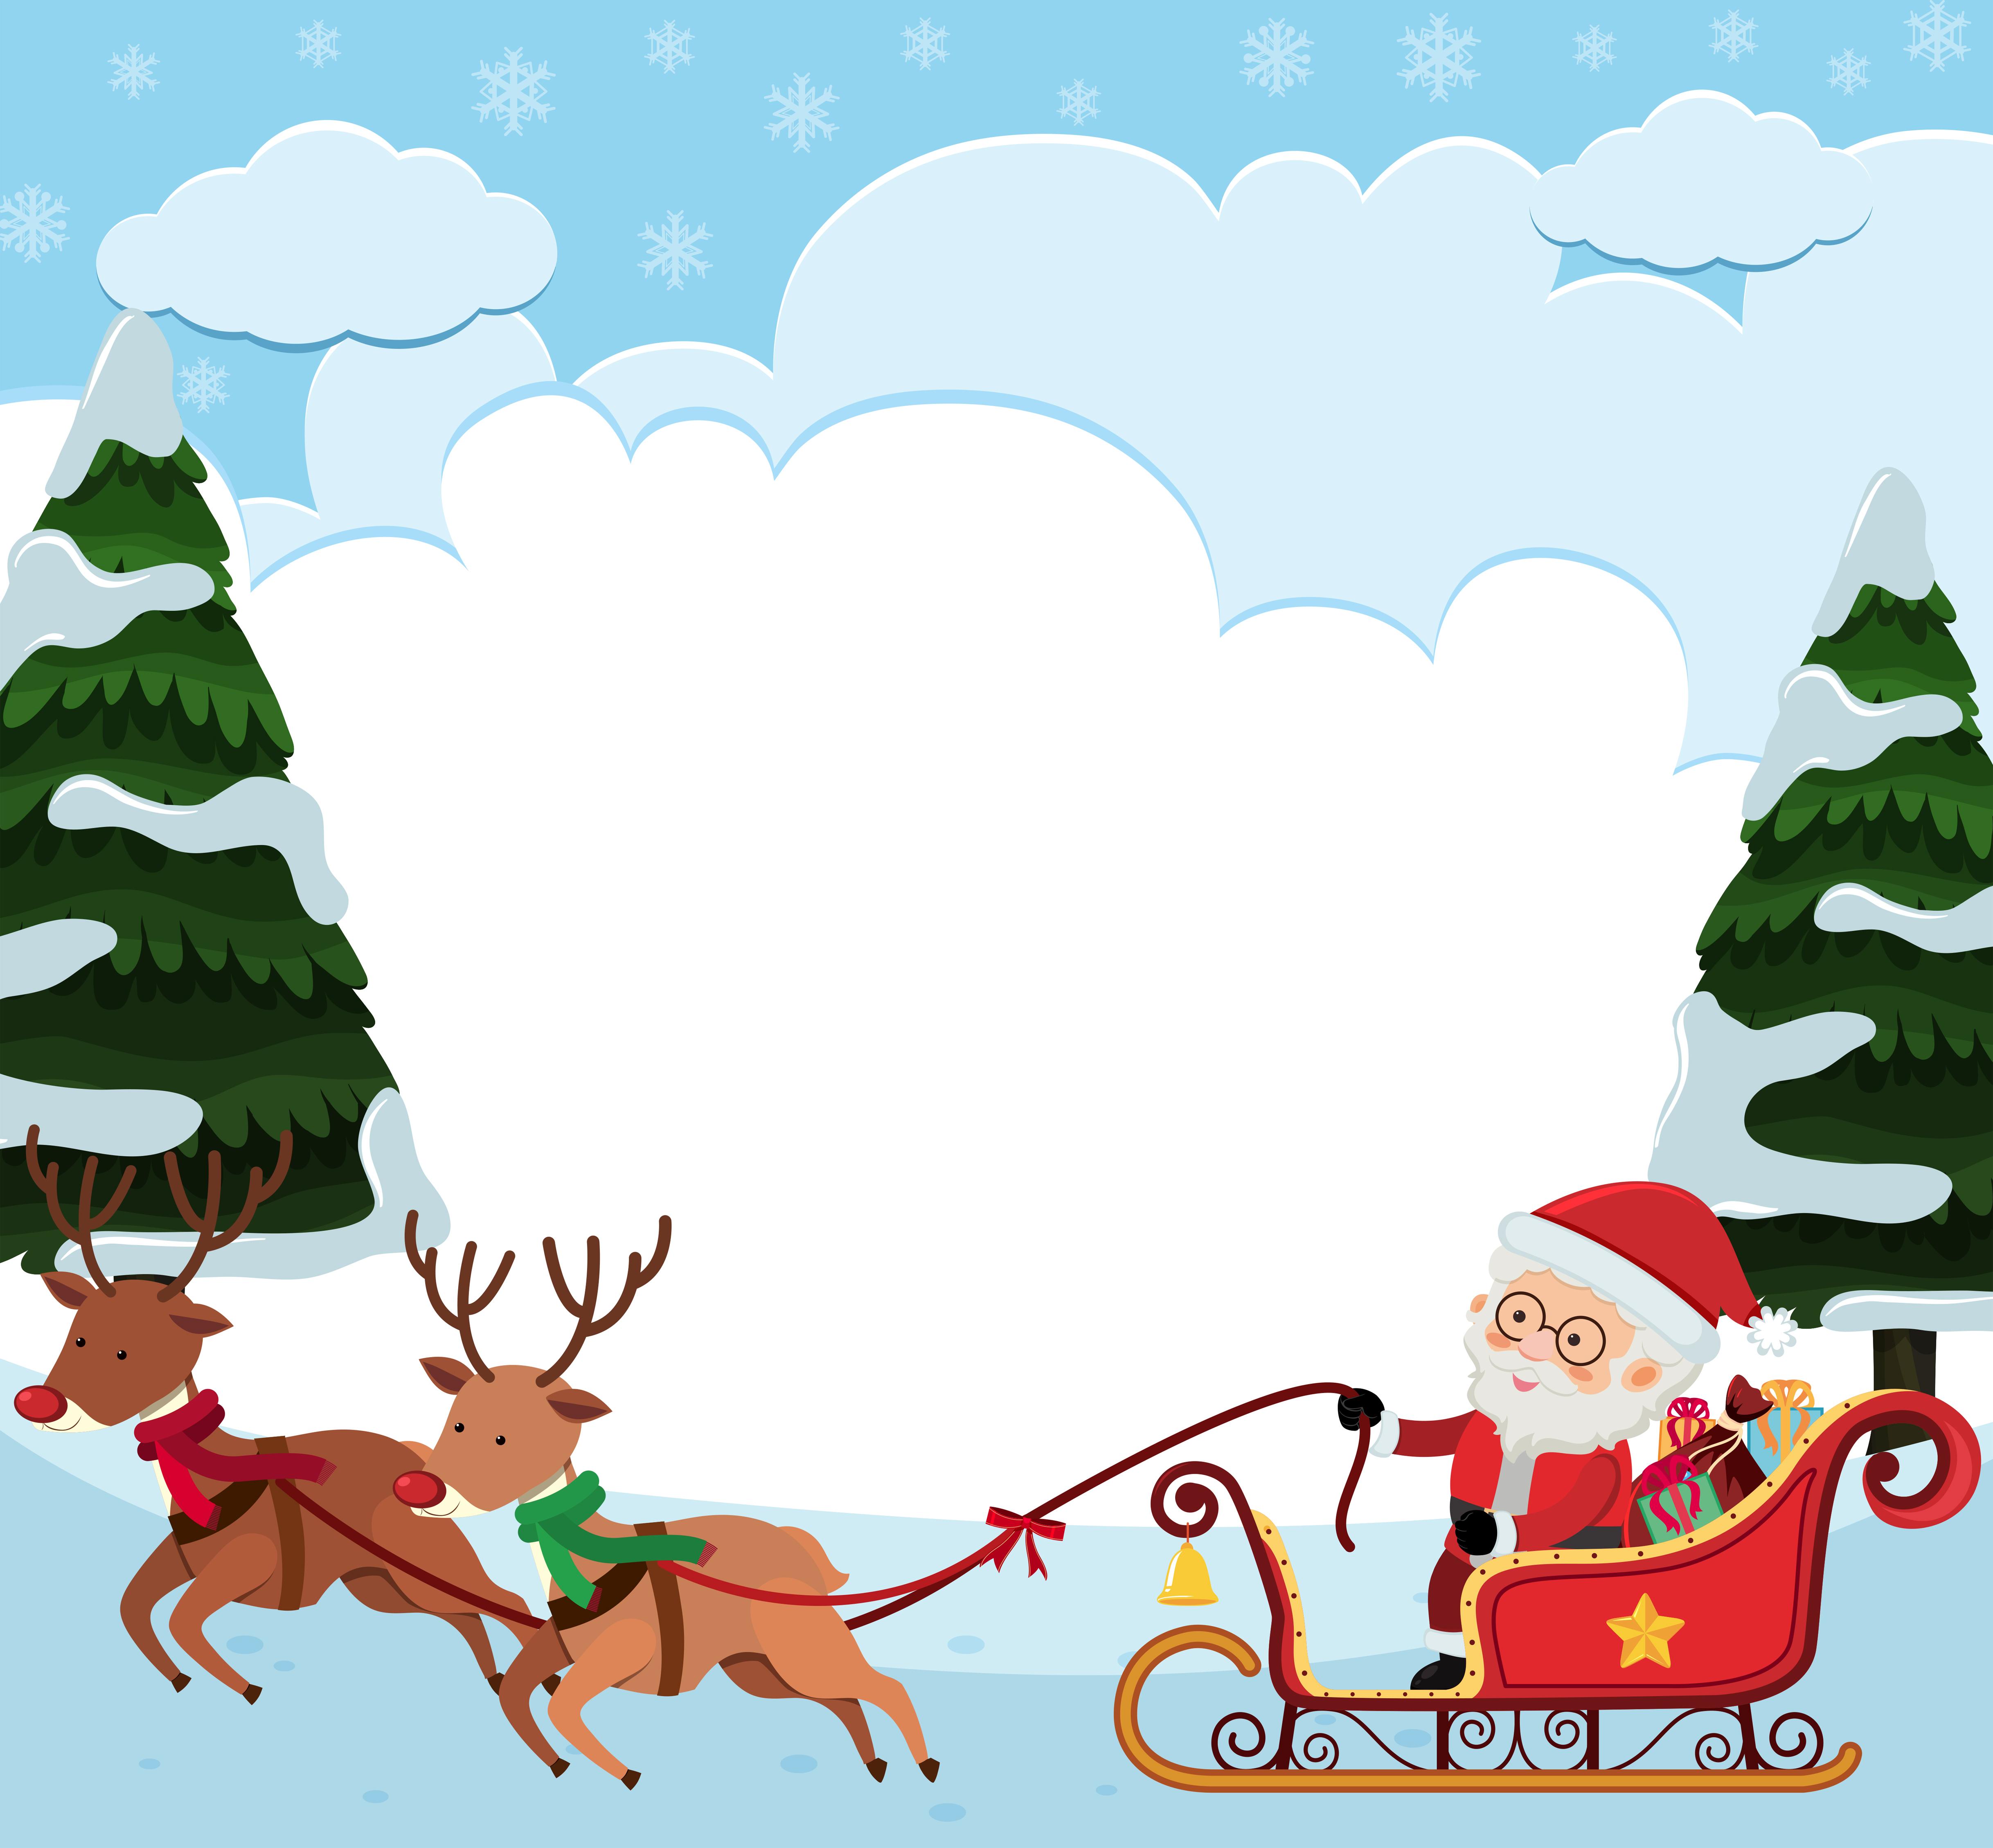 Sfondi Natalizi Renne.Modello Di Sfondo Con La Slitta Di Babbo Natale Scarica Immagini Vettoriali Gratis Grafica Vettoriale E Disegno Modelli